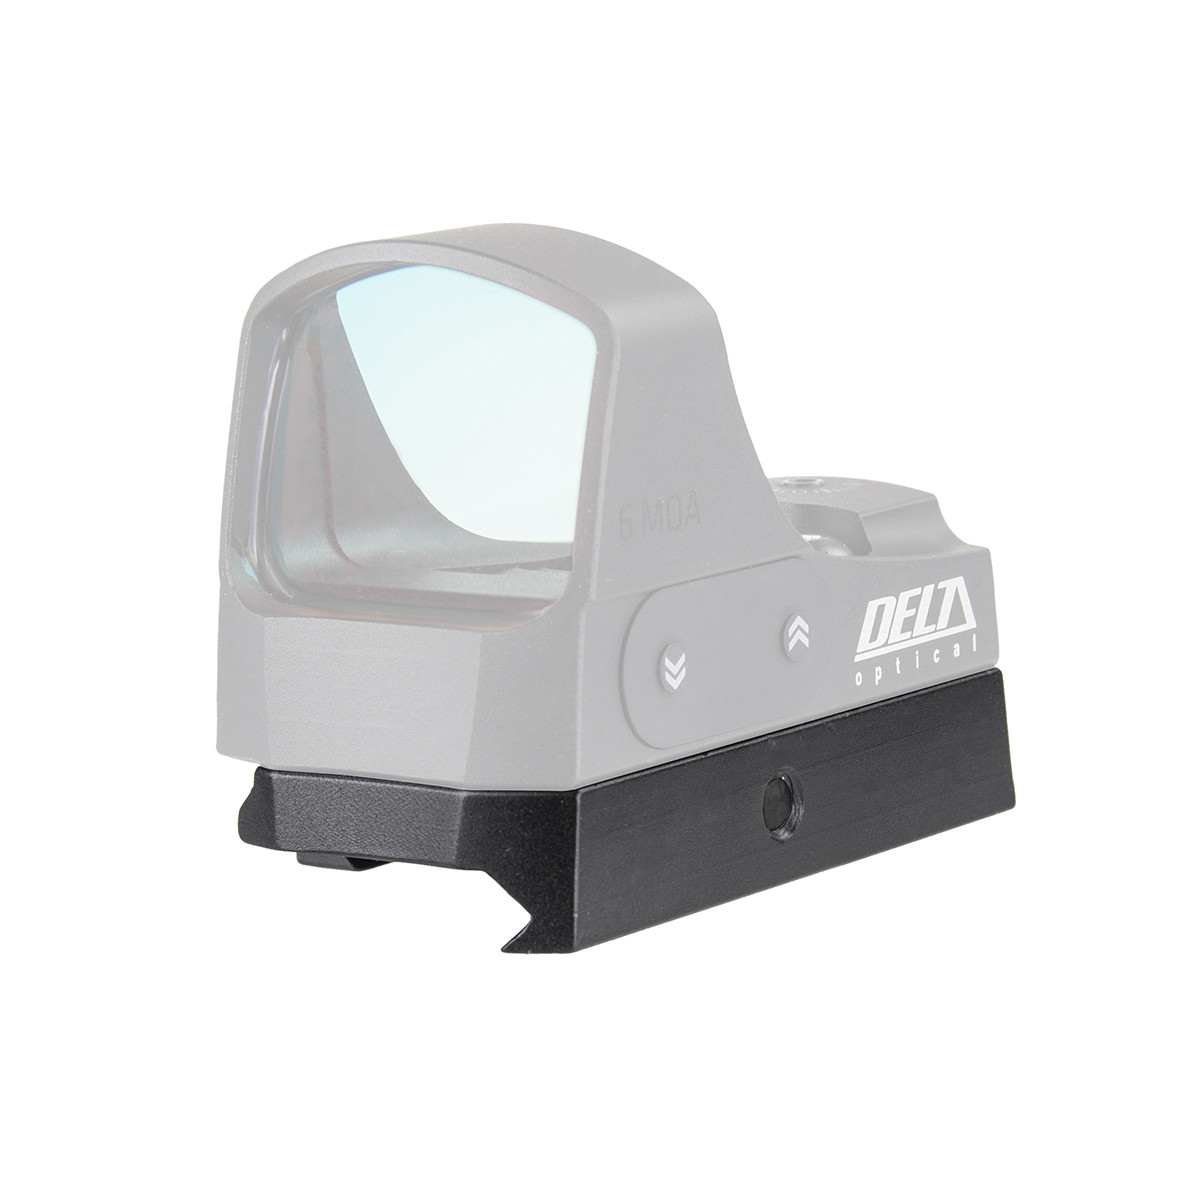 DELTA-Stryker-Red-Dot-Sight-4MOA-6MOA-8MOA-DO-2326-DO-2328-DO-2329